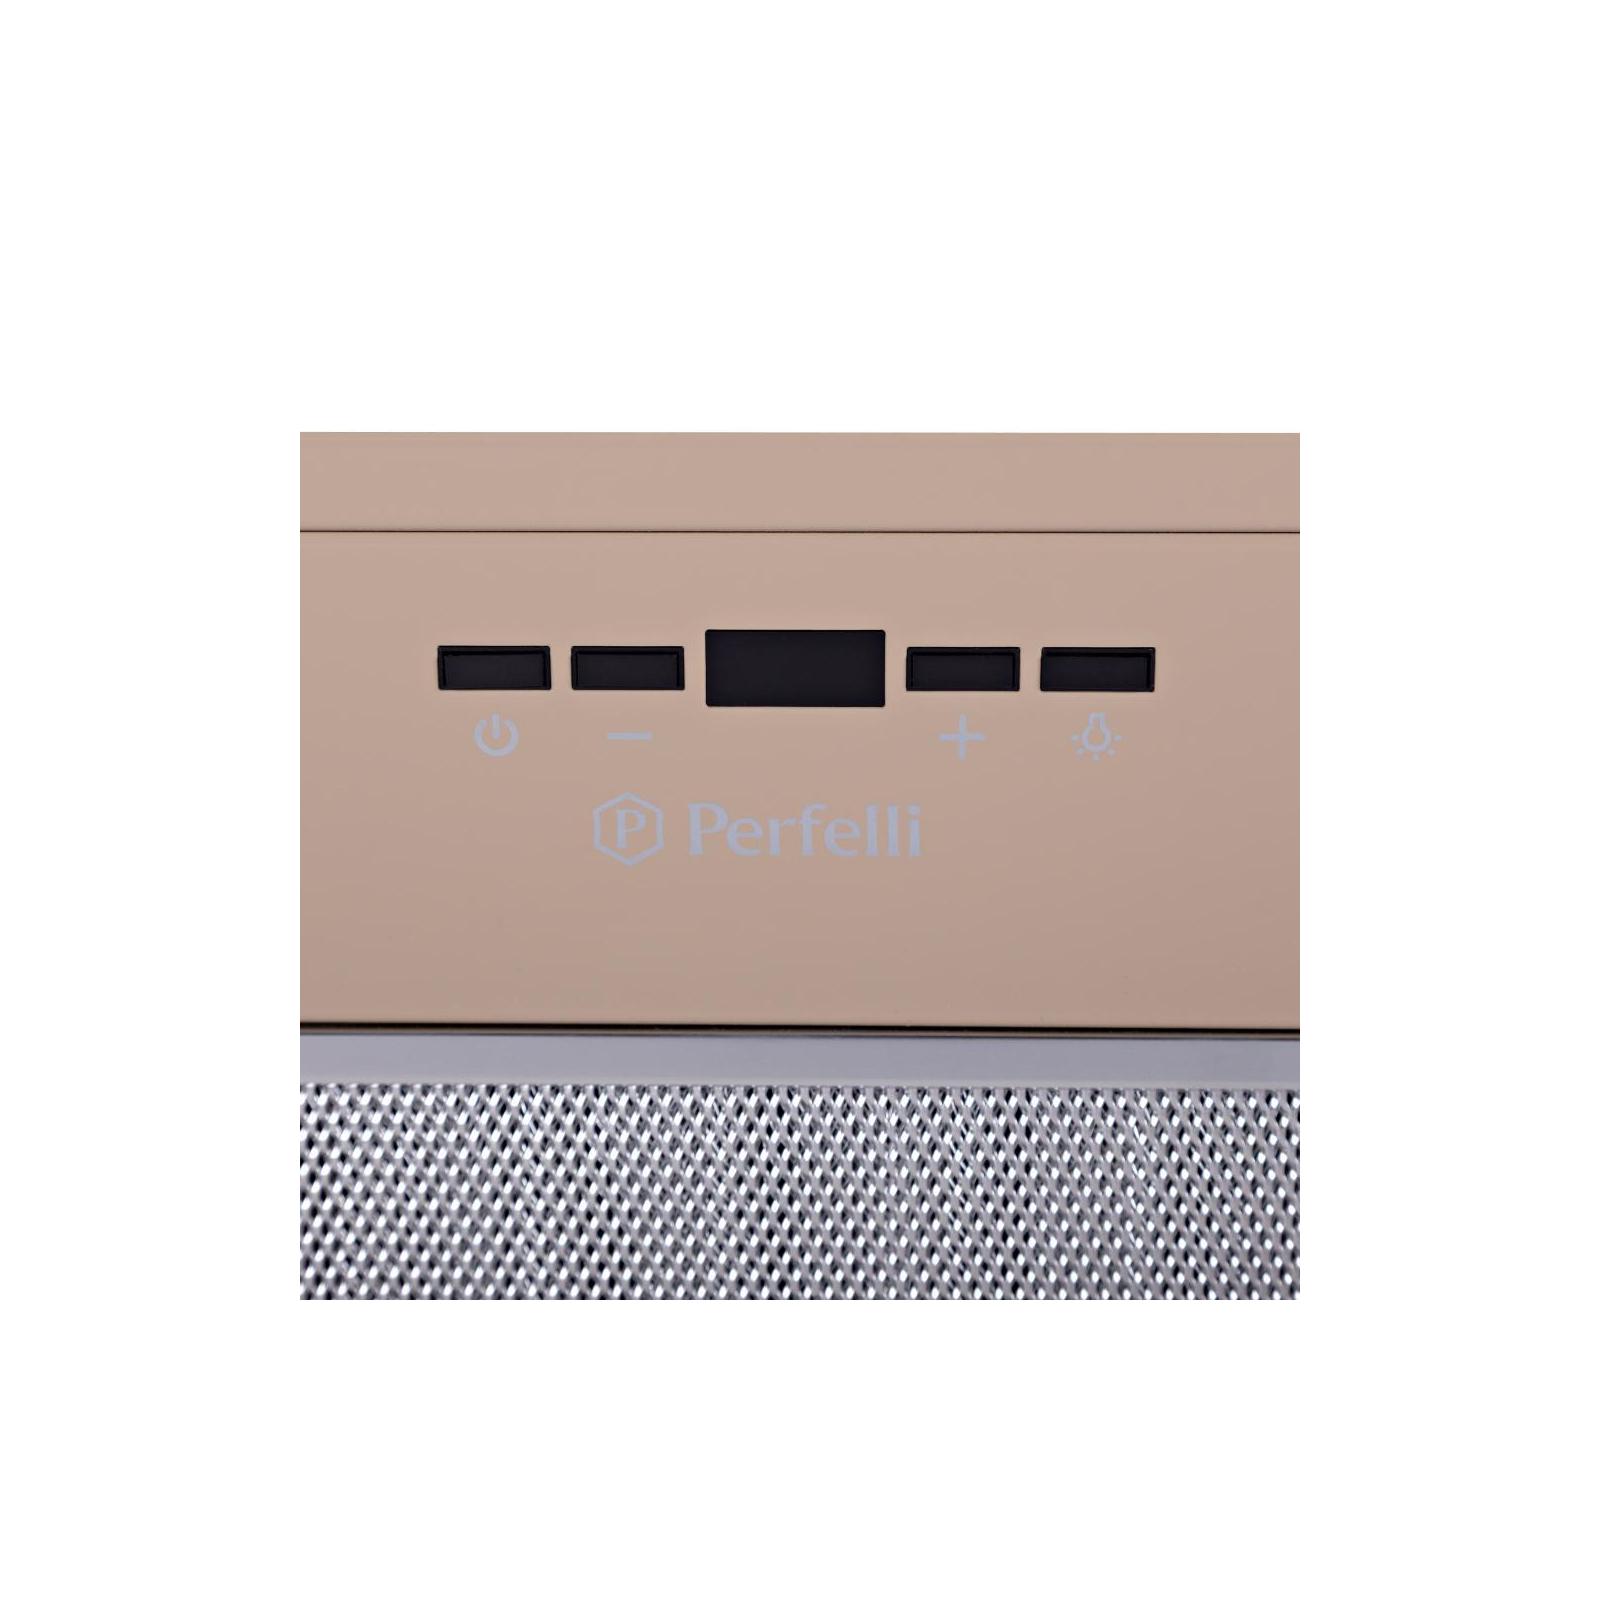 Вытяжка кухонная PERFELLI BIET 6512 A 1000 DARK IV LED изображение 4